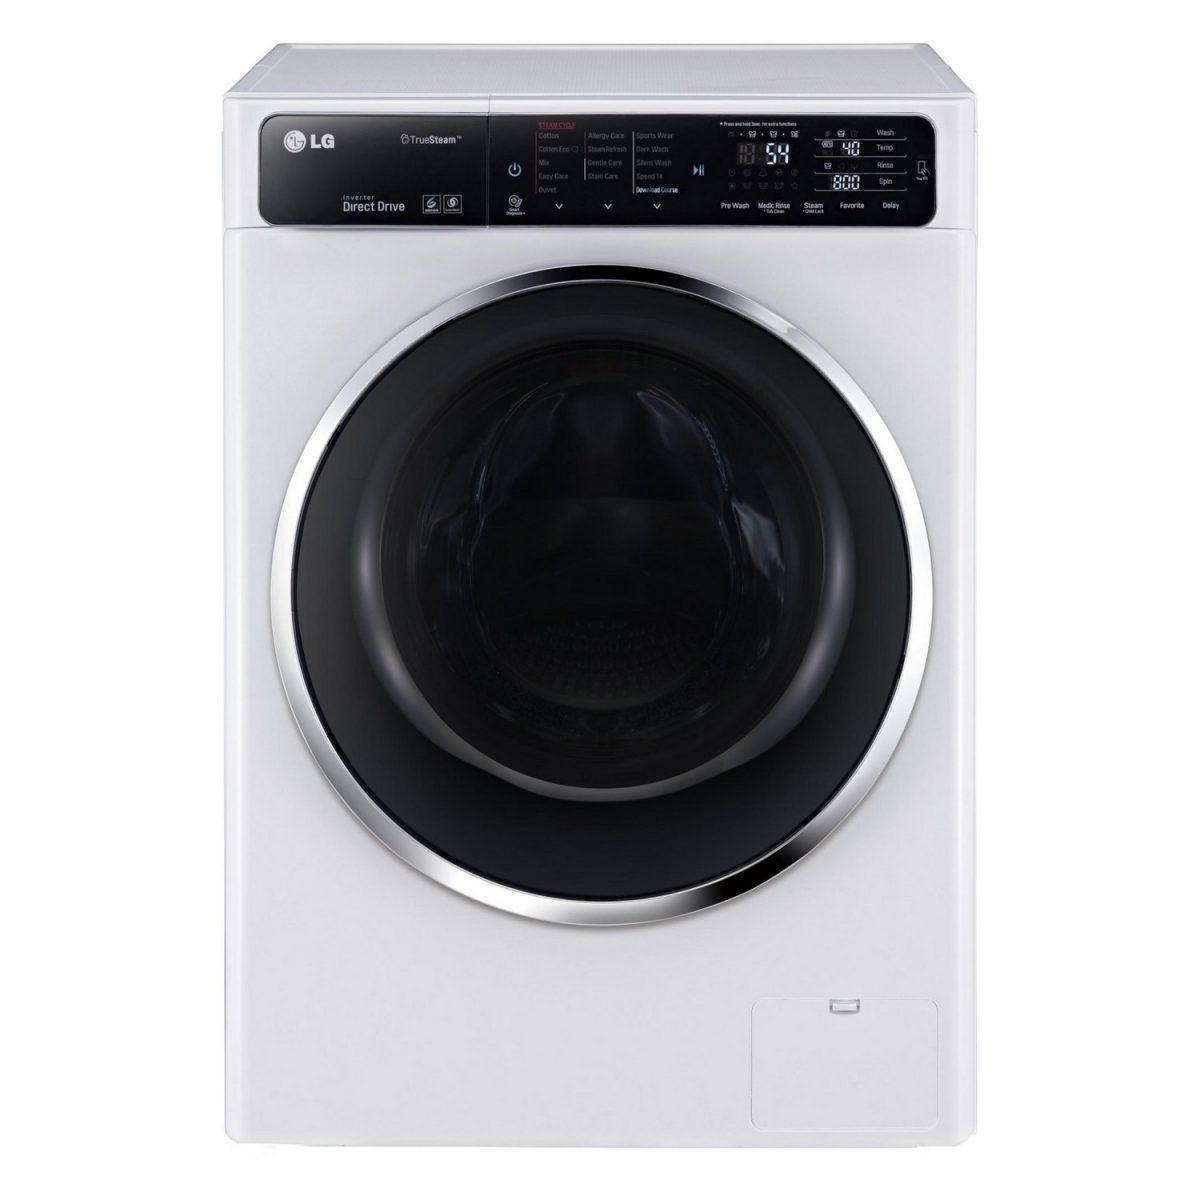 Топ-6 лучших стиральных машин lg – рейтинг 2019 года